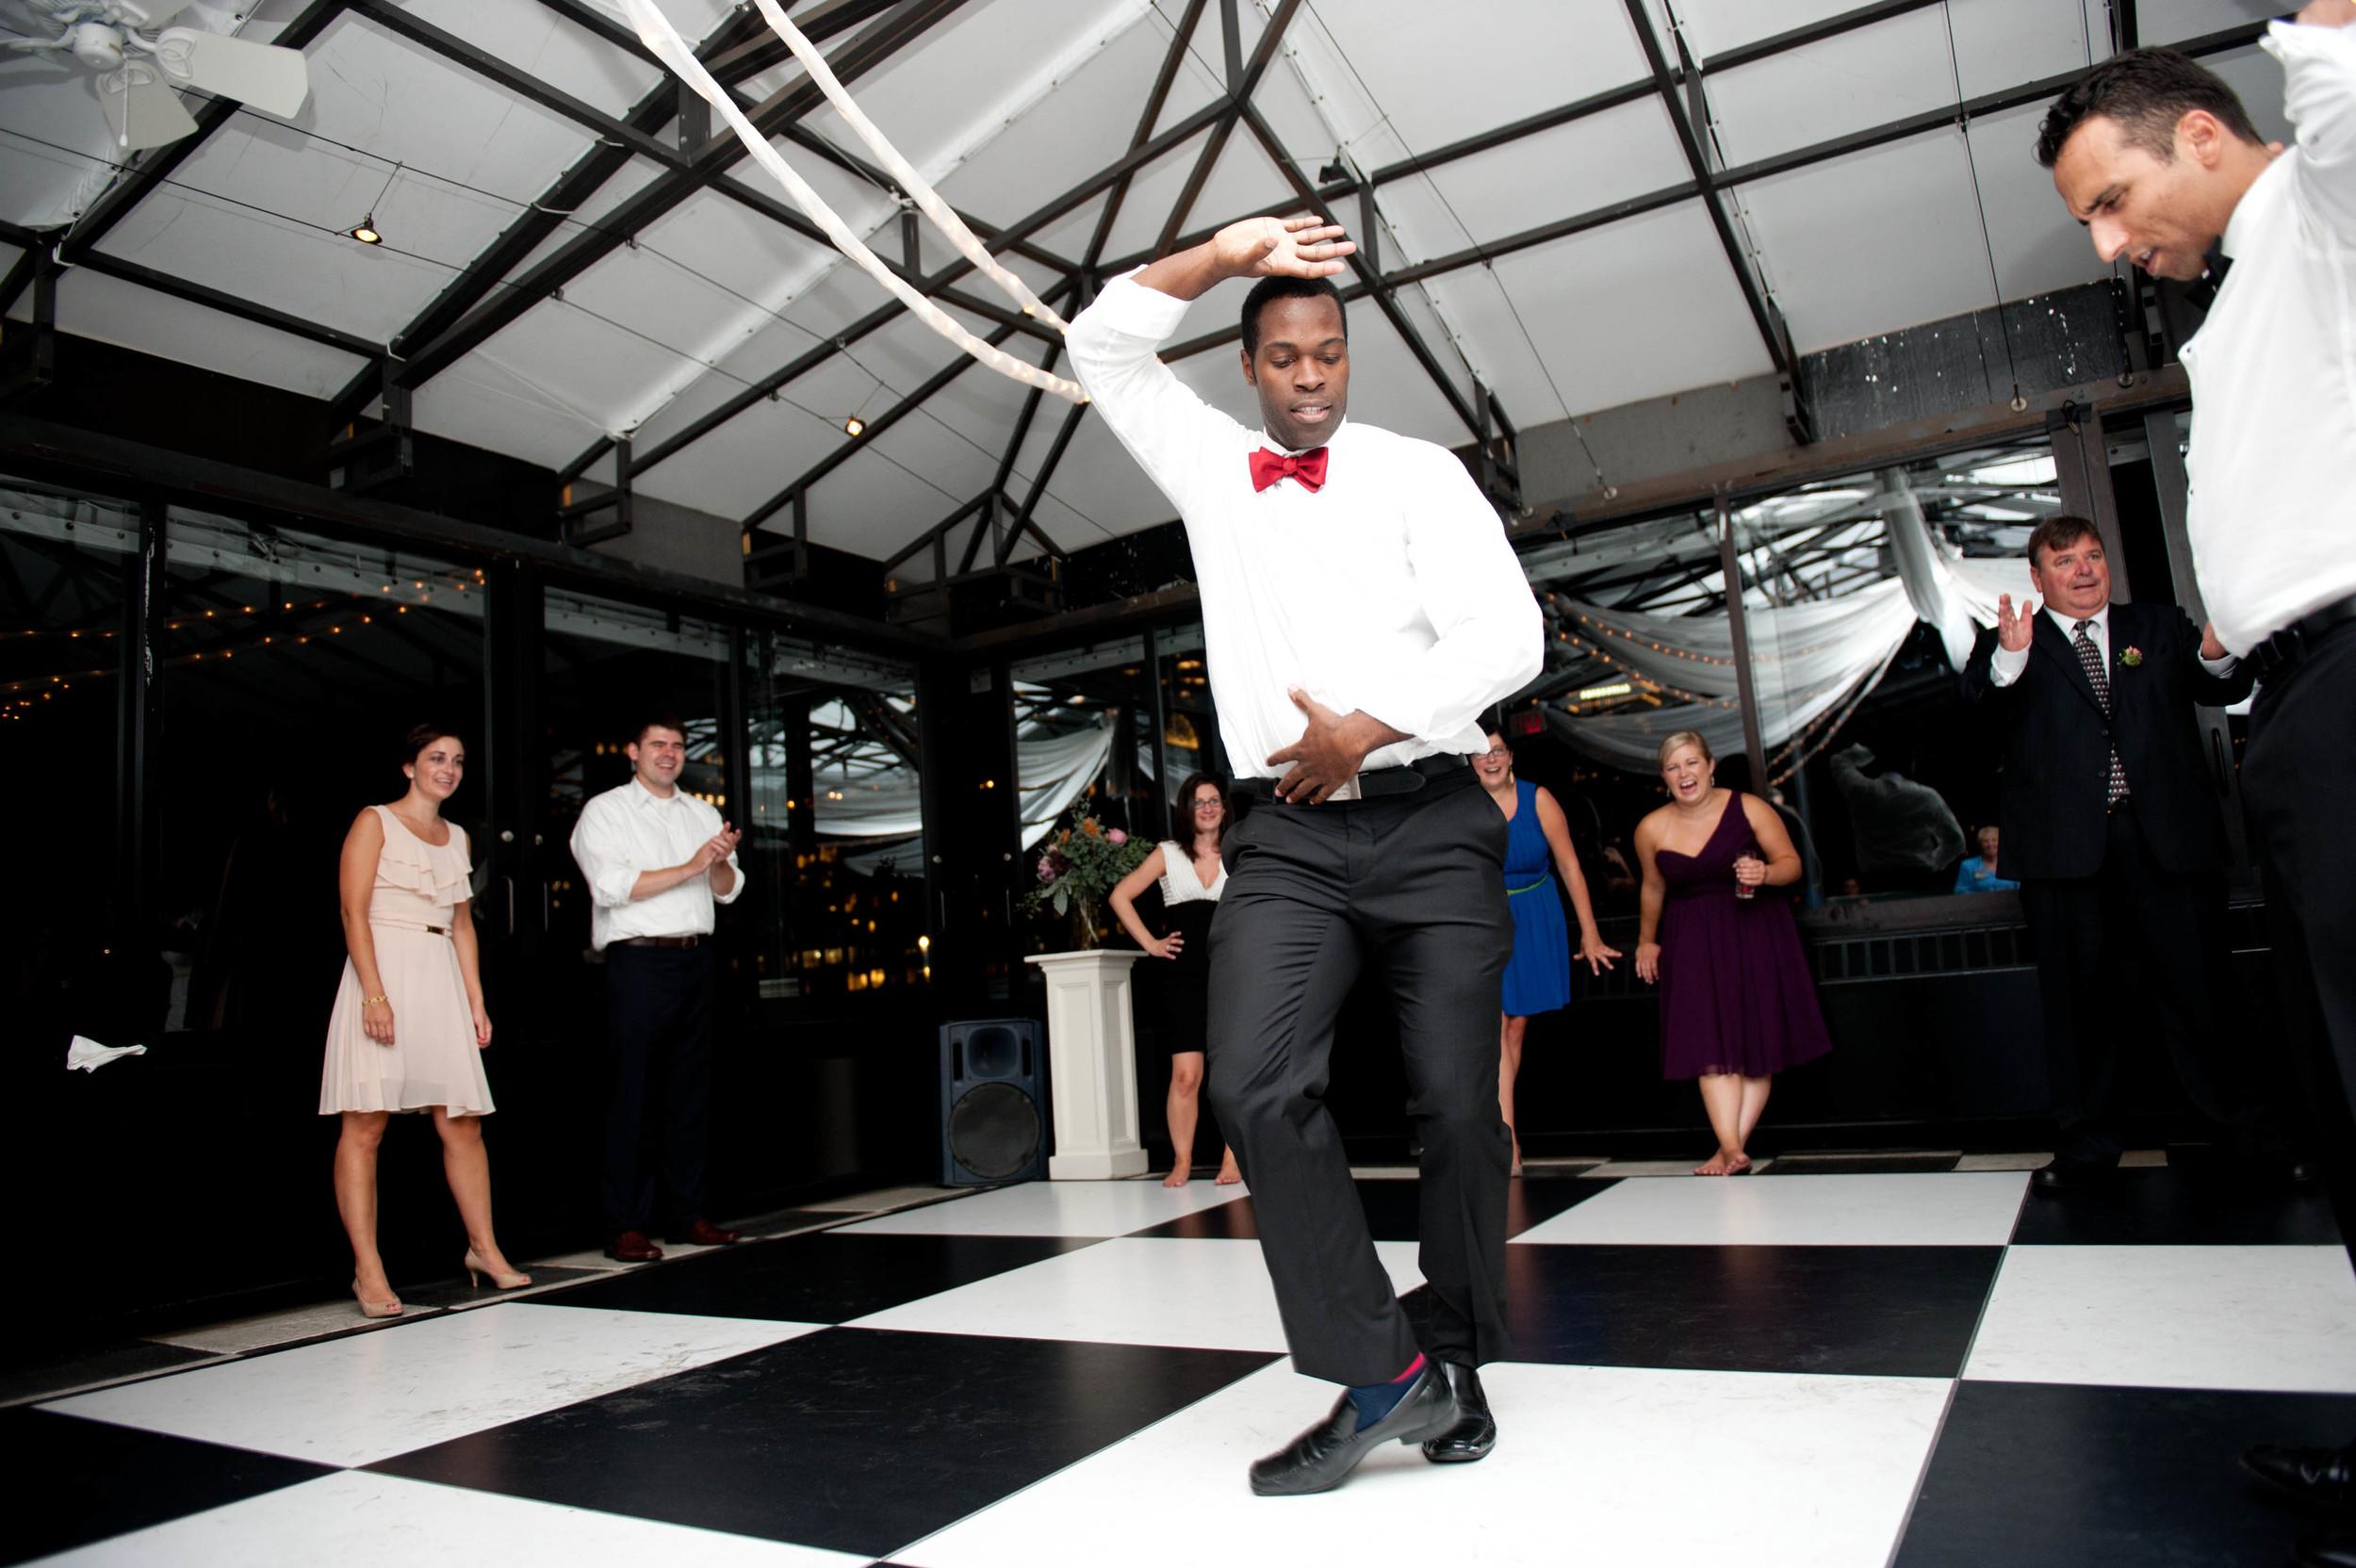 Taj_Wedding_Boston-38.jpg